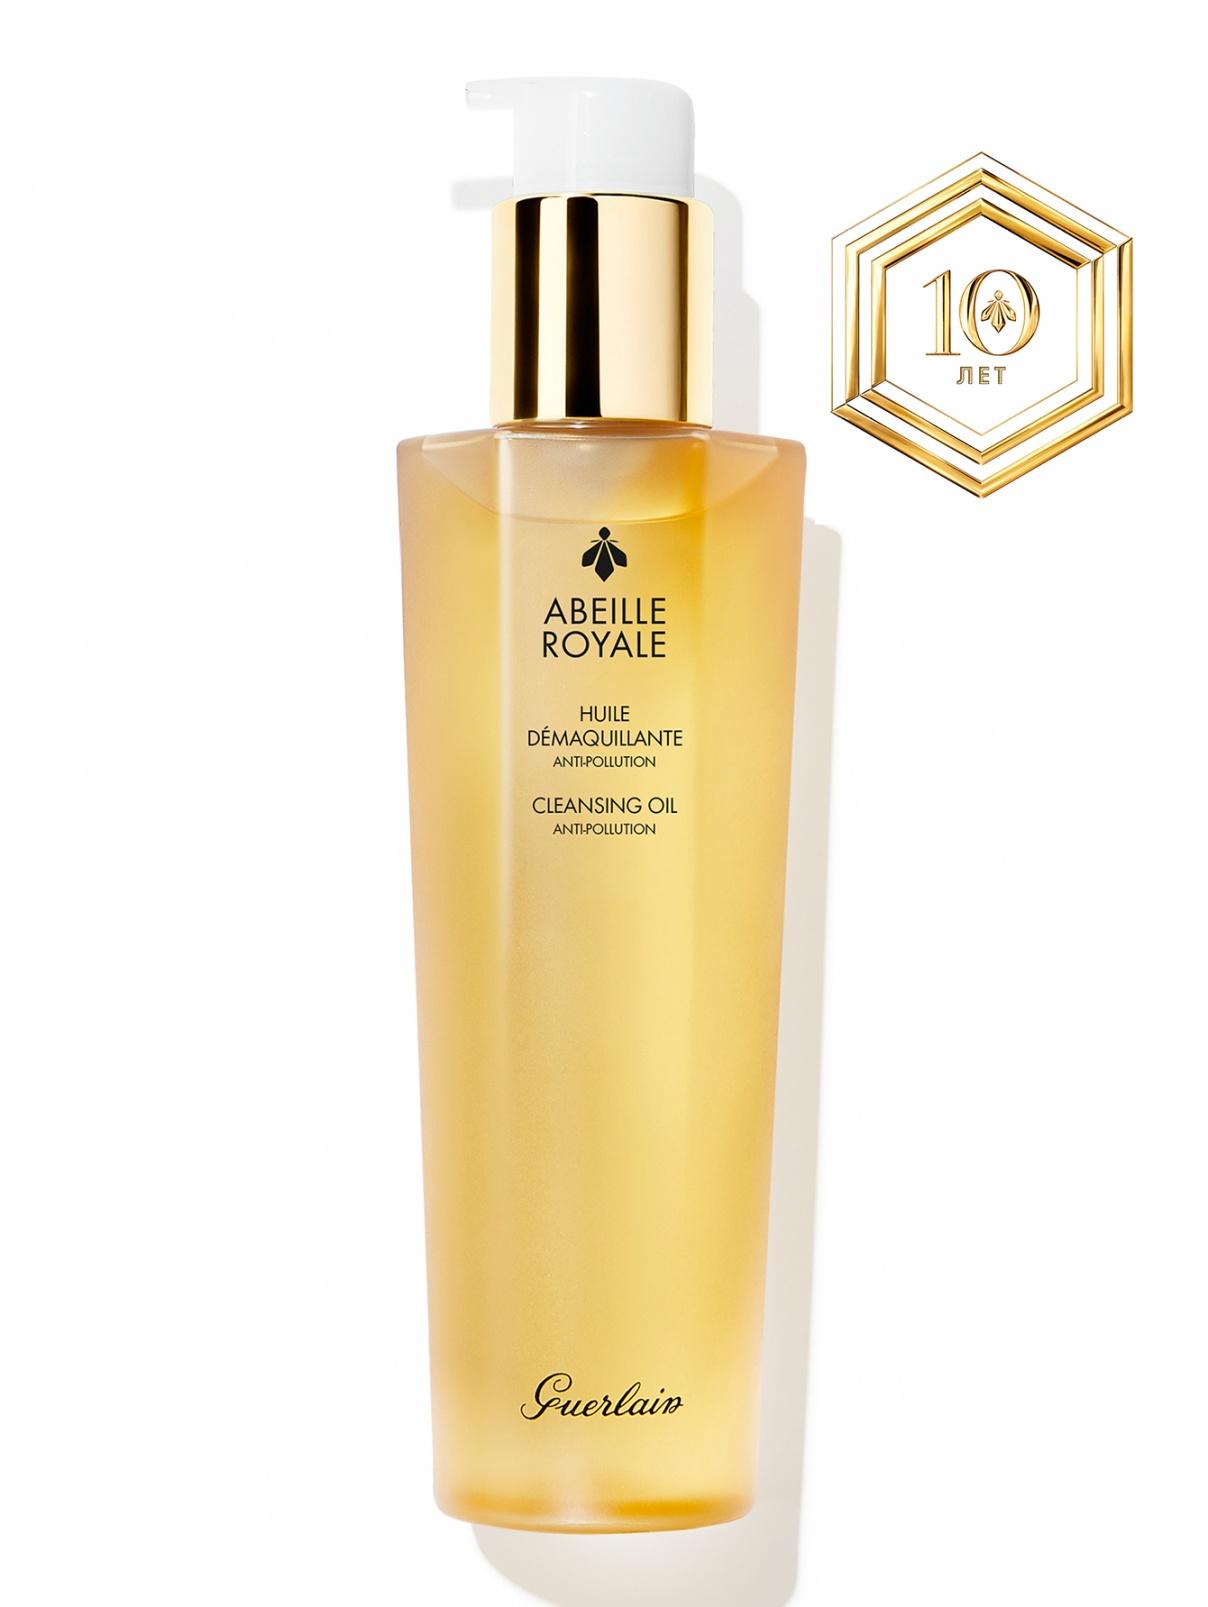 Abeille Royale Очищающее масло 150 мл Guerlain  –  Общий вид